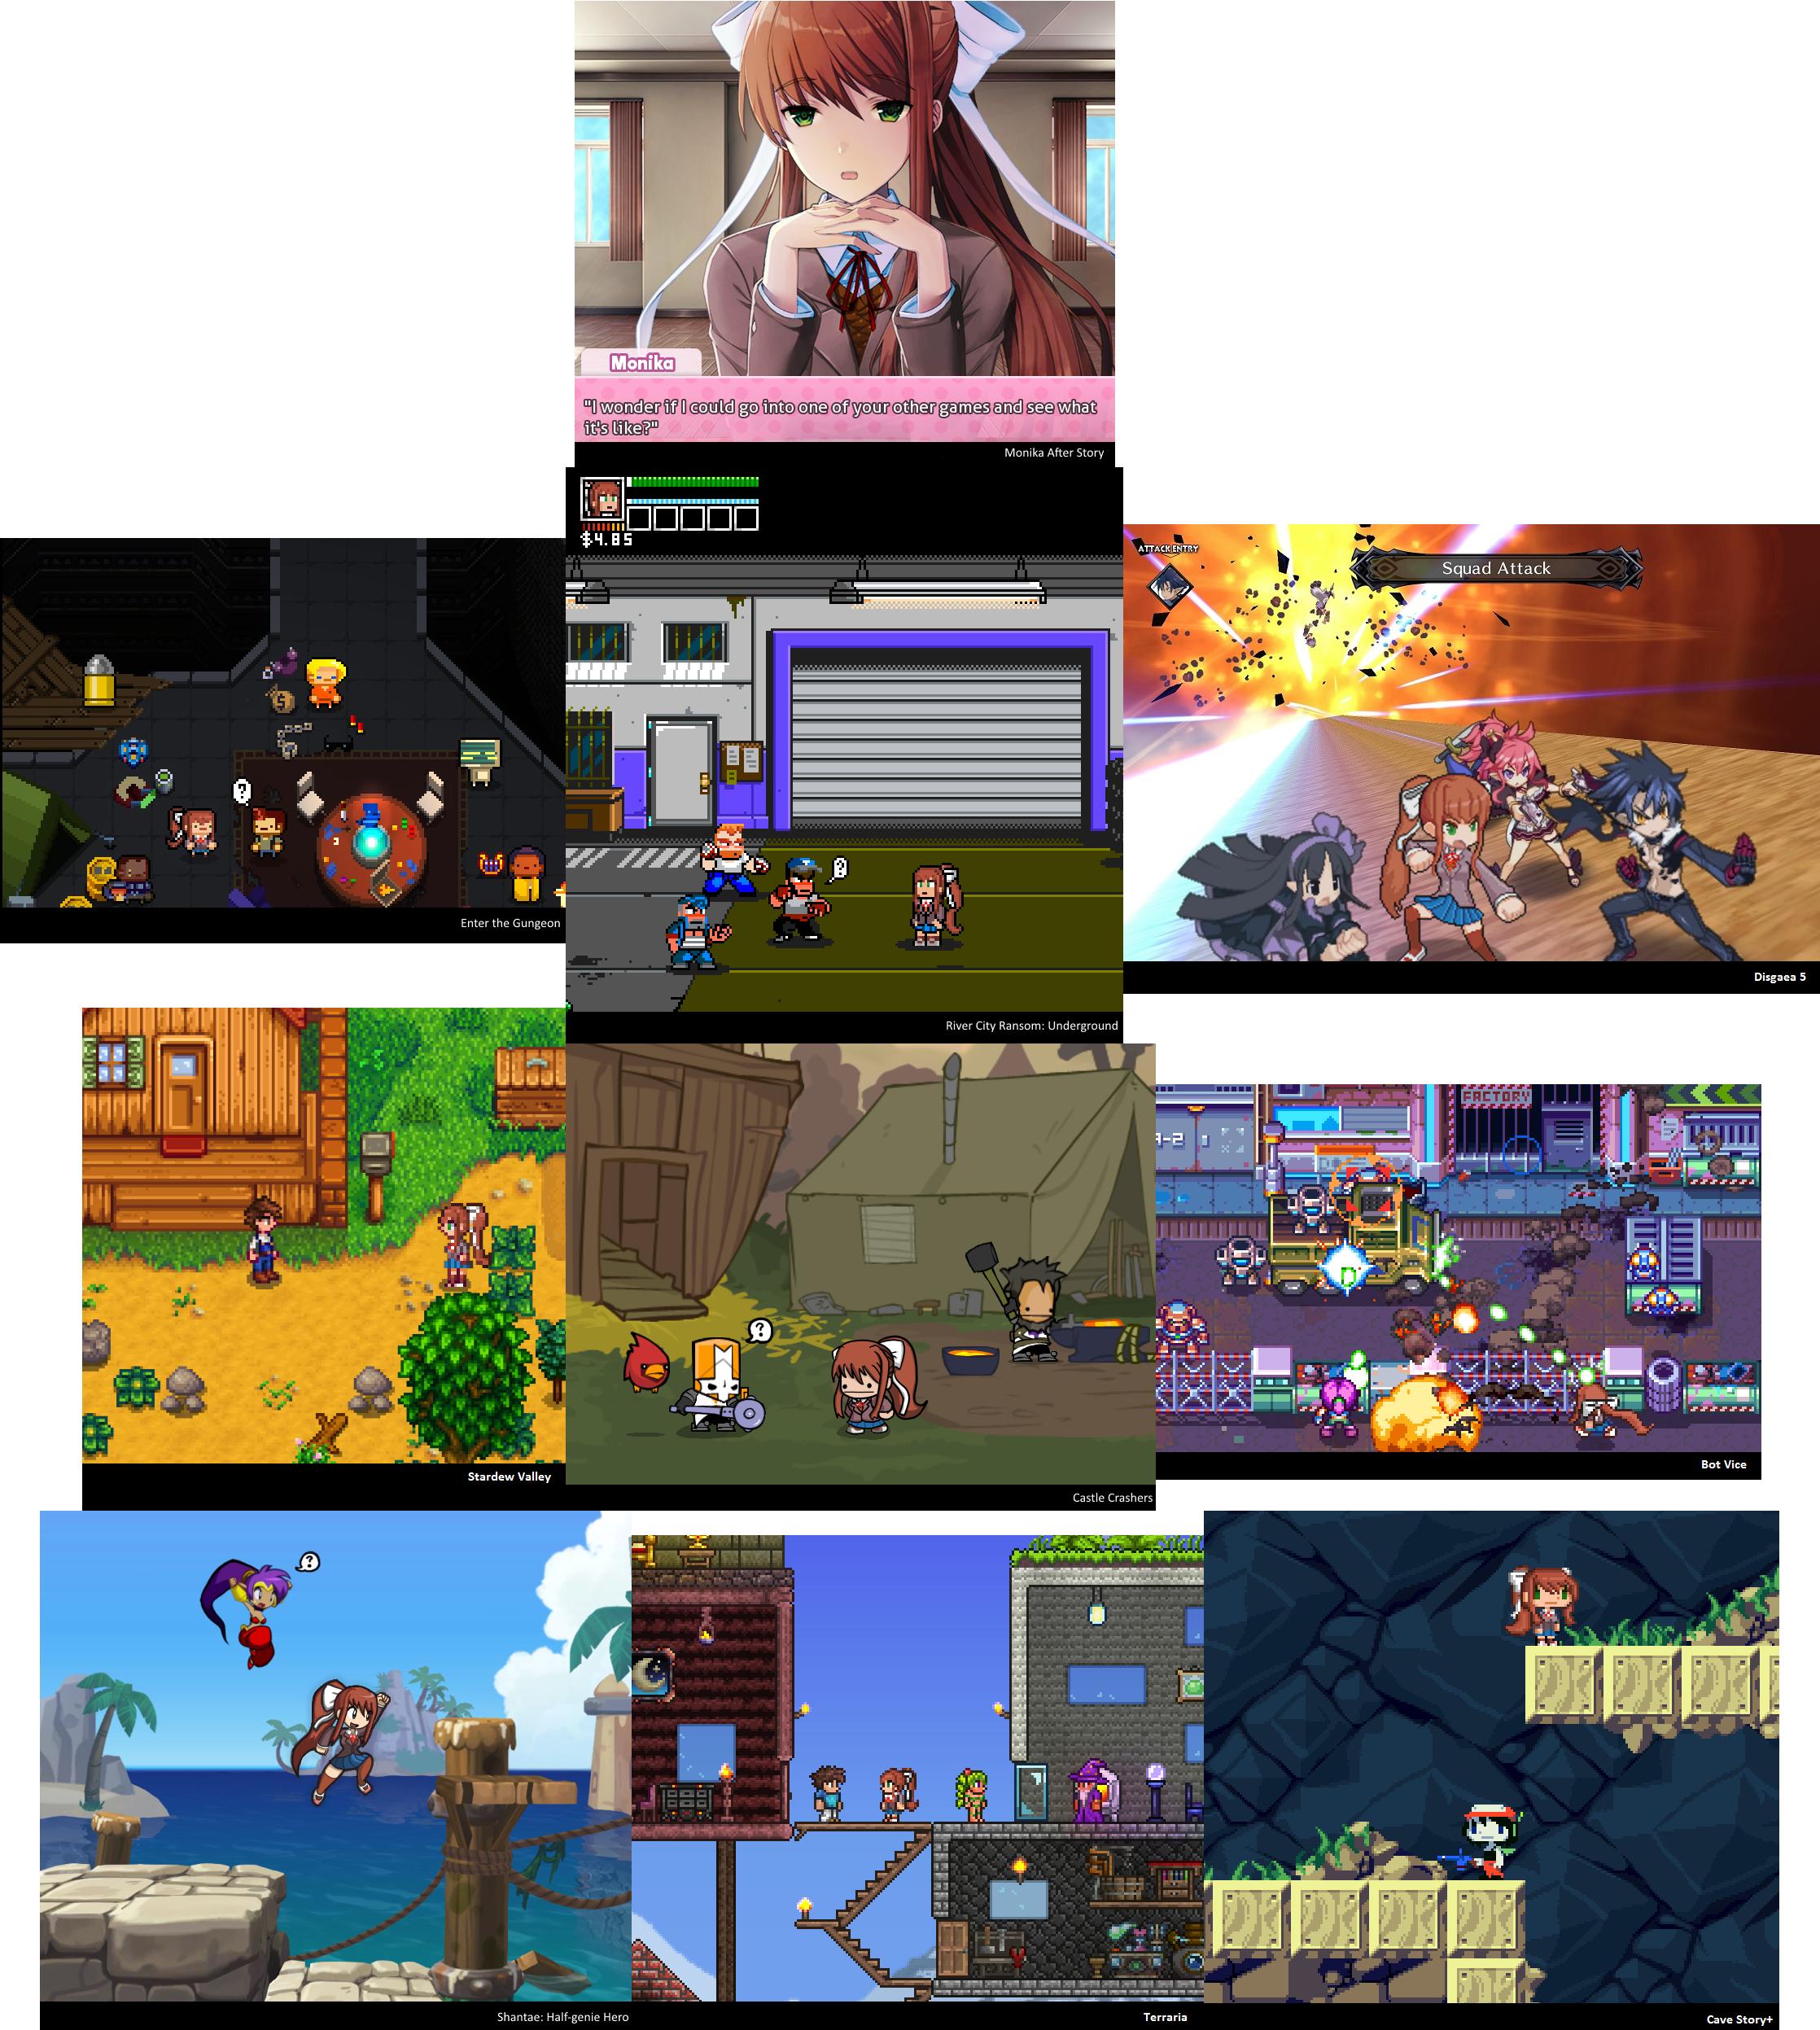 Monika's Adventures in Other Video Games  | Doki Doki